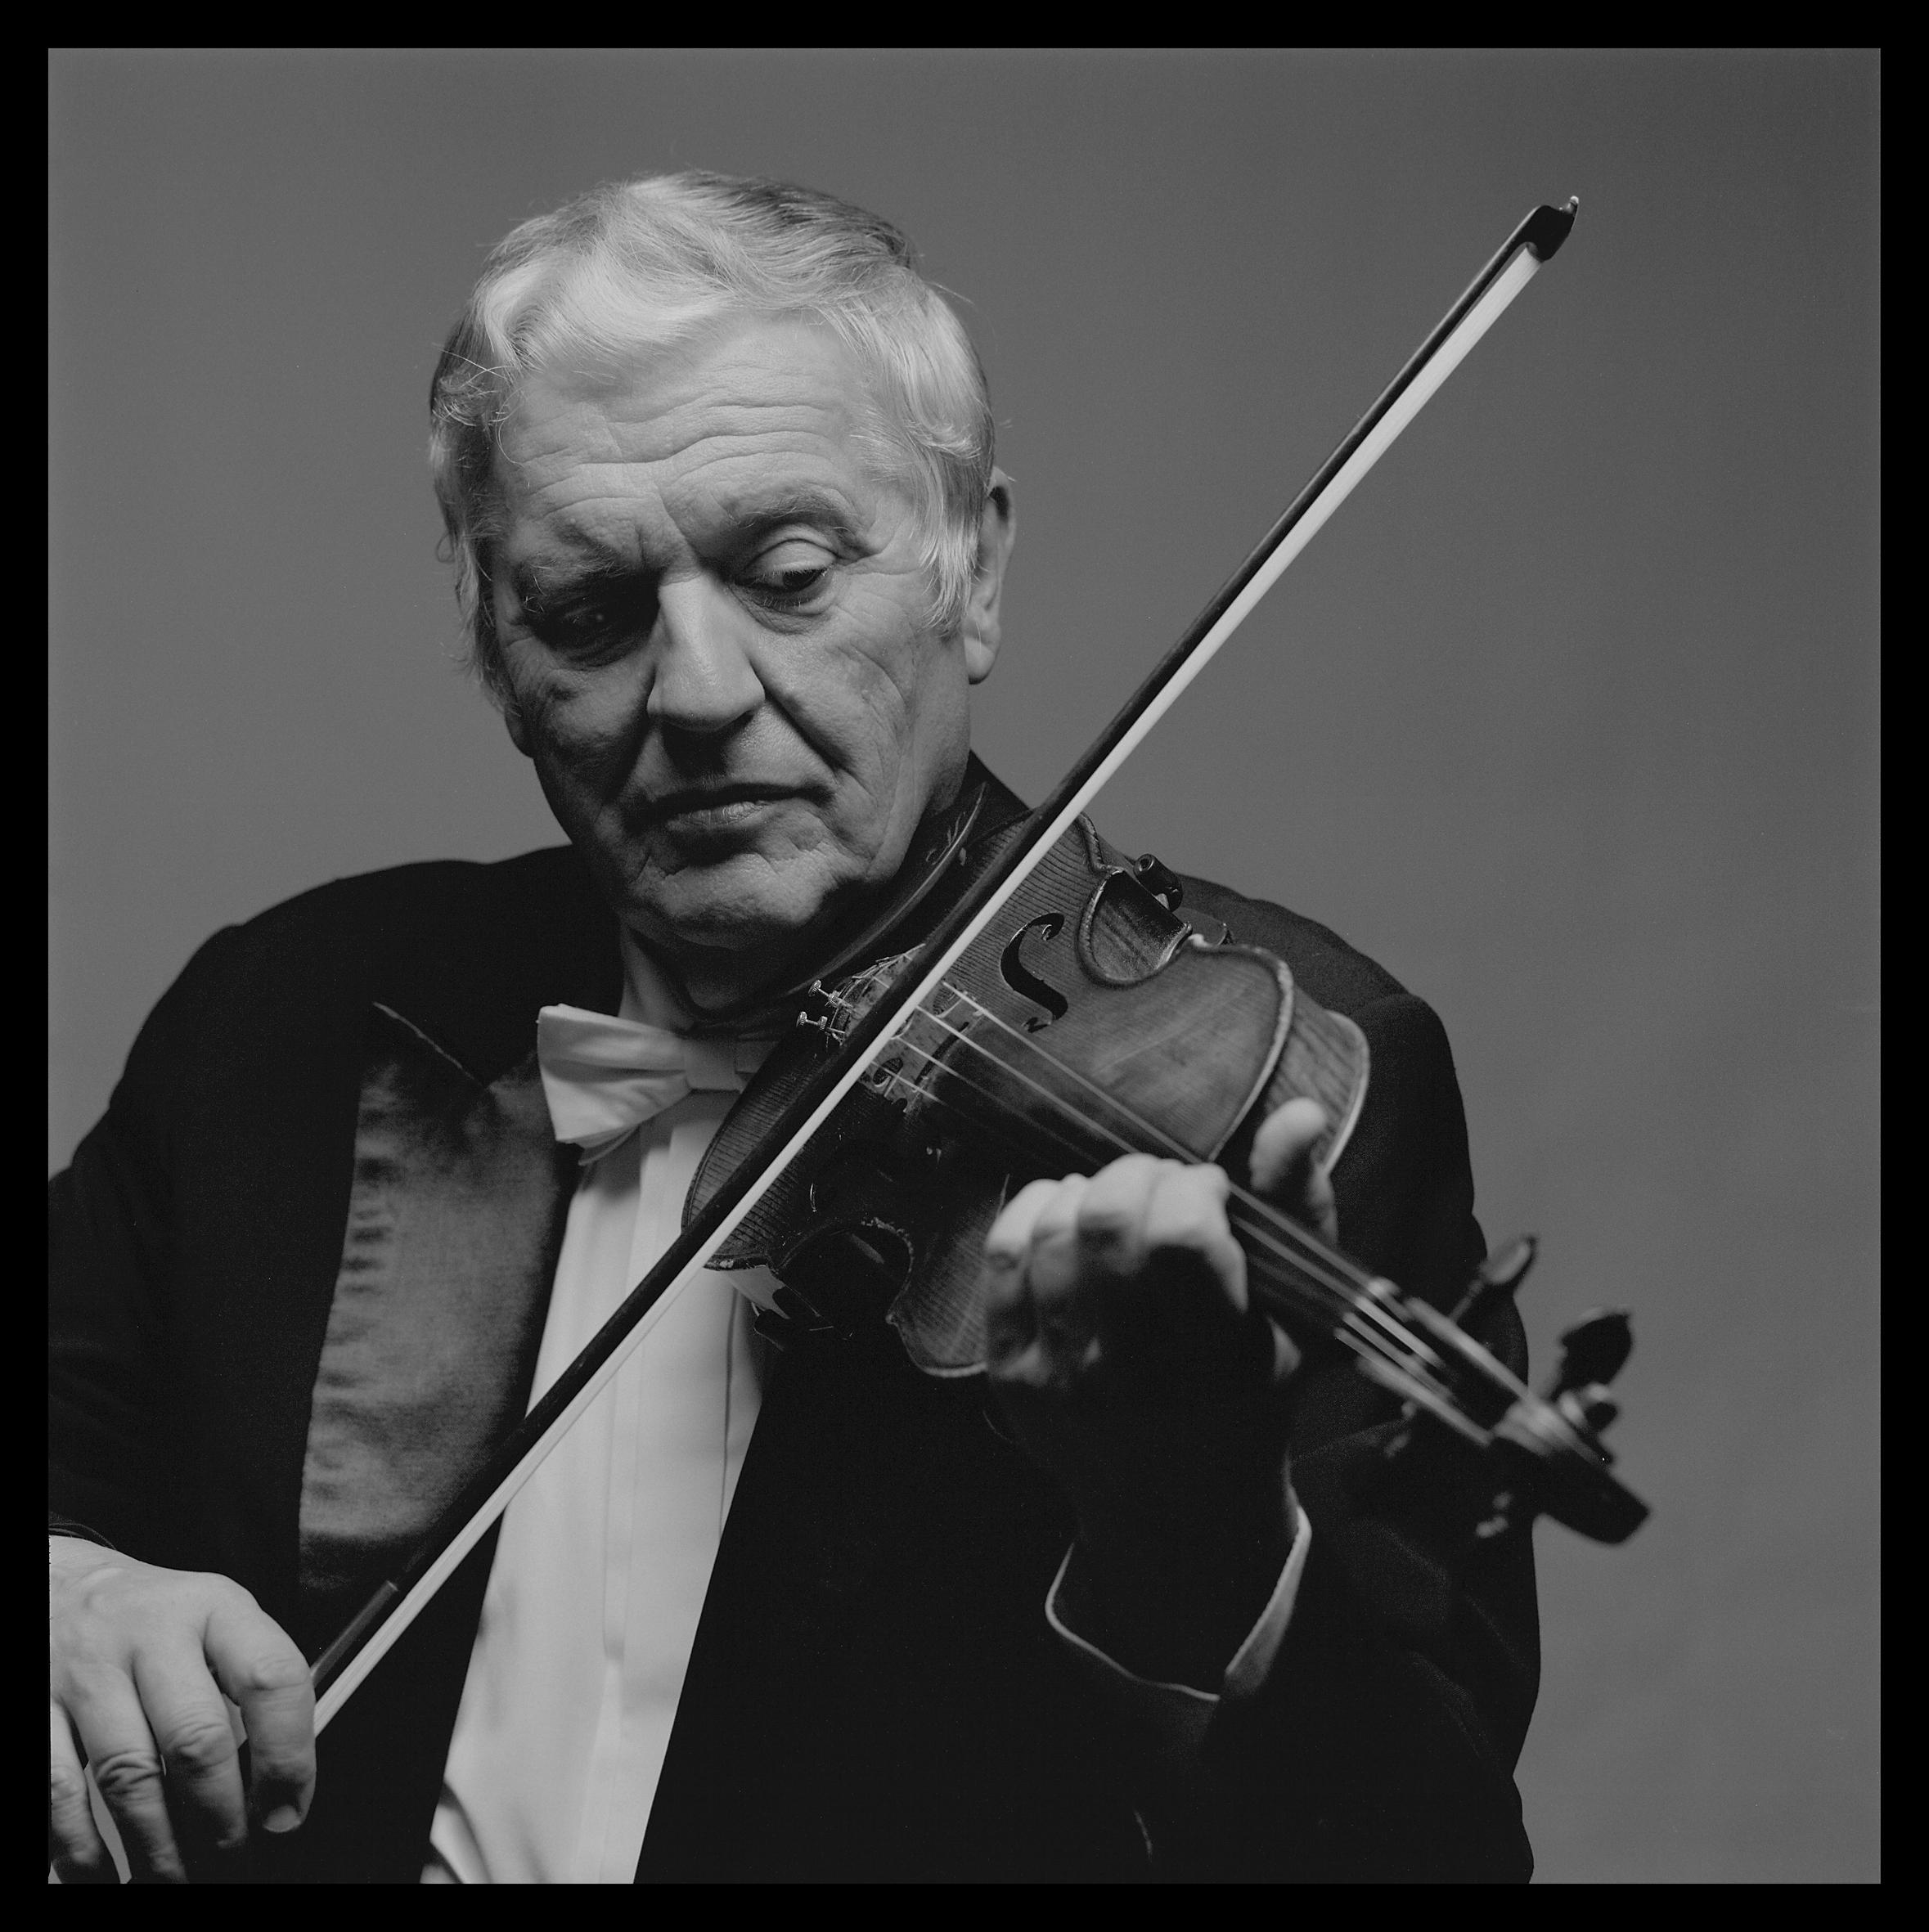 Konstanty Andrzej Kulka we fraku grający na skrzypcach. Czarno-białe